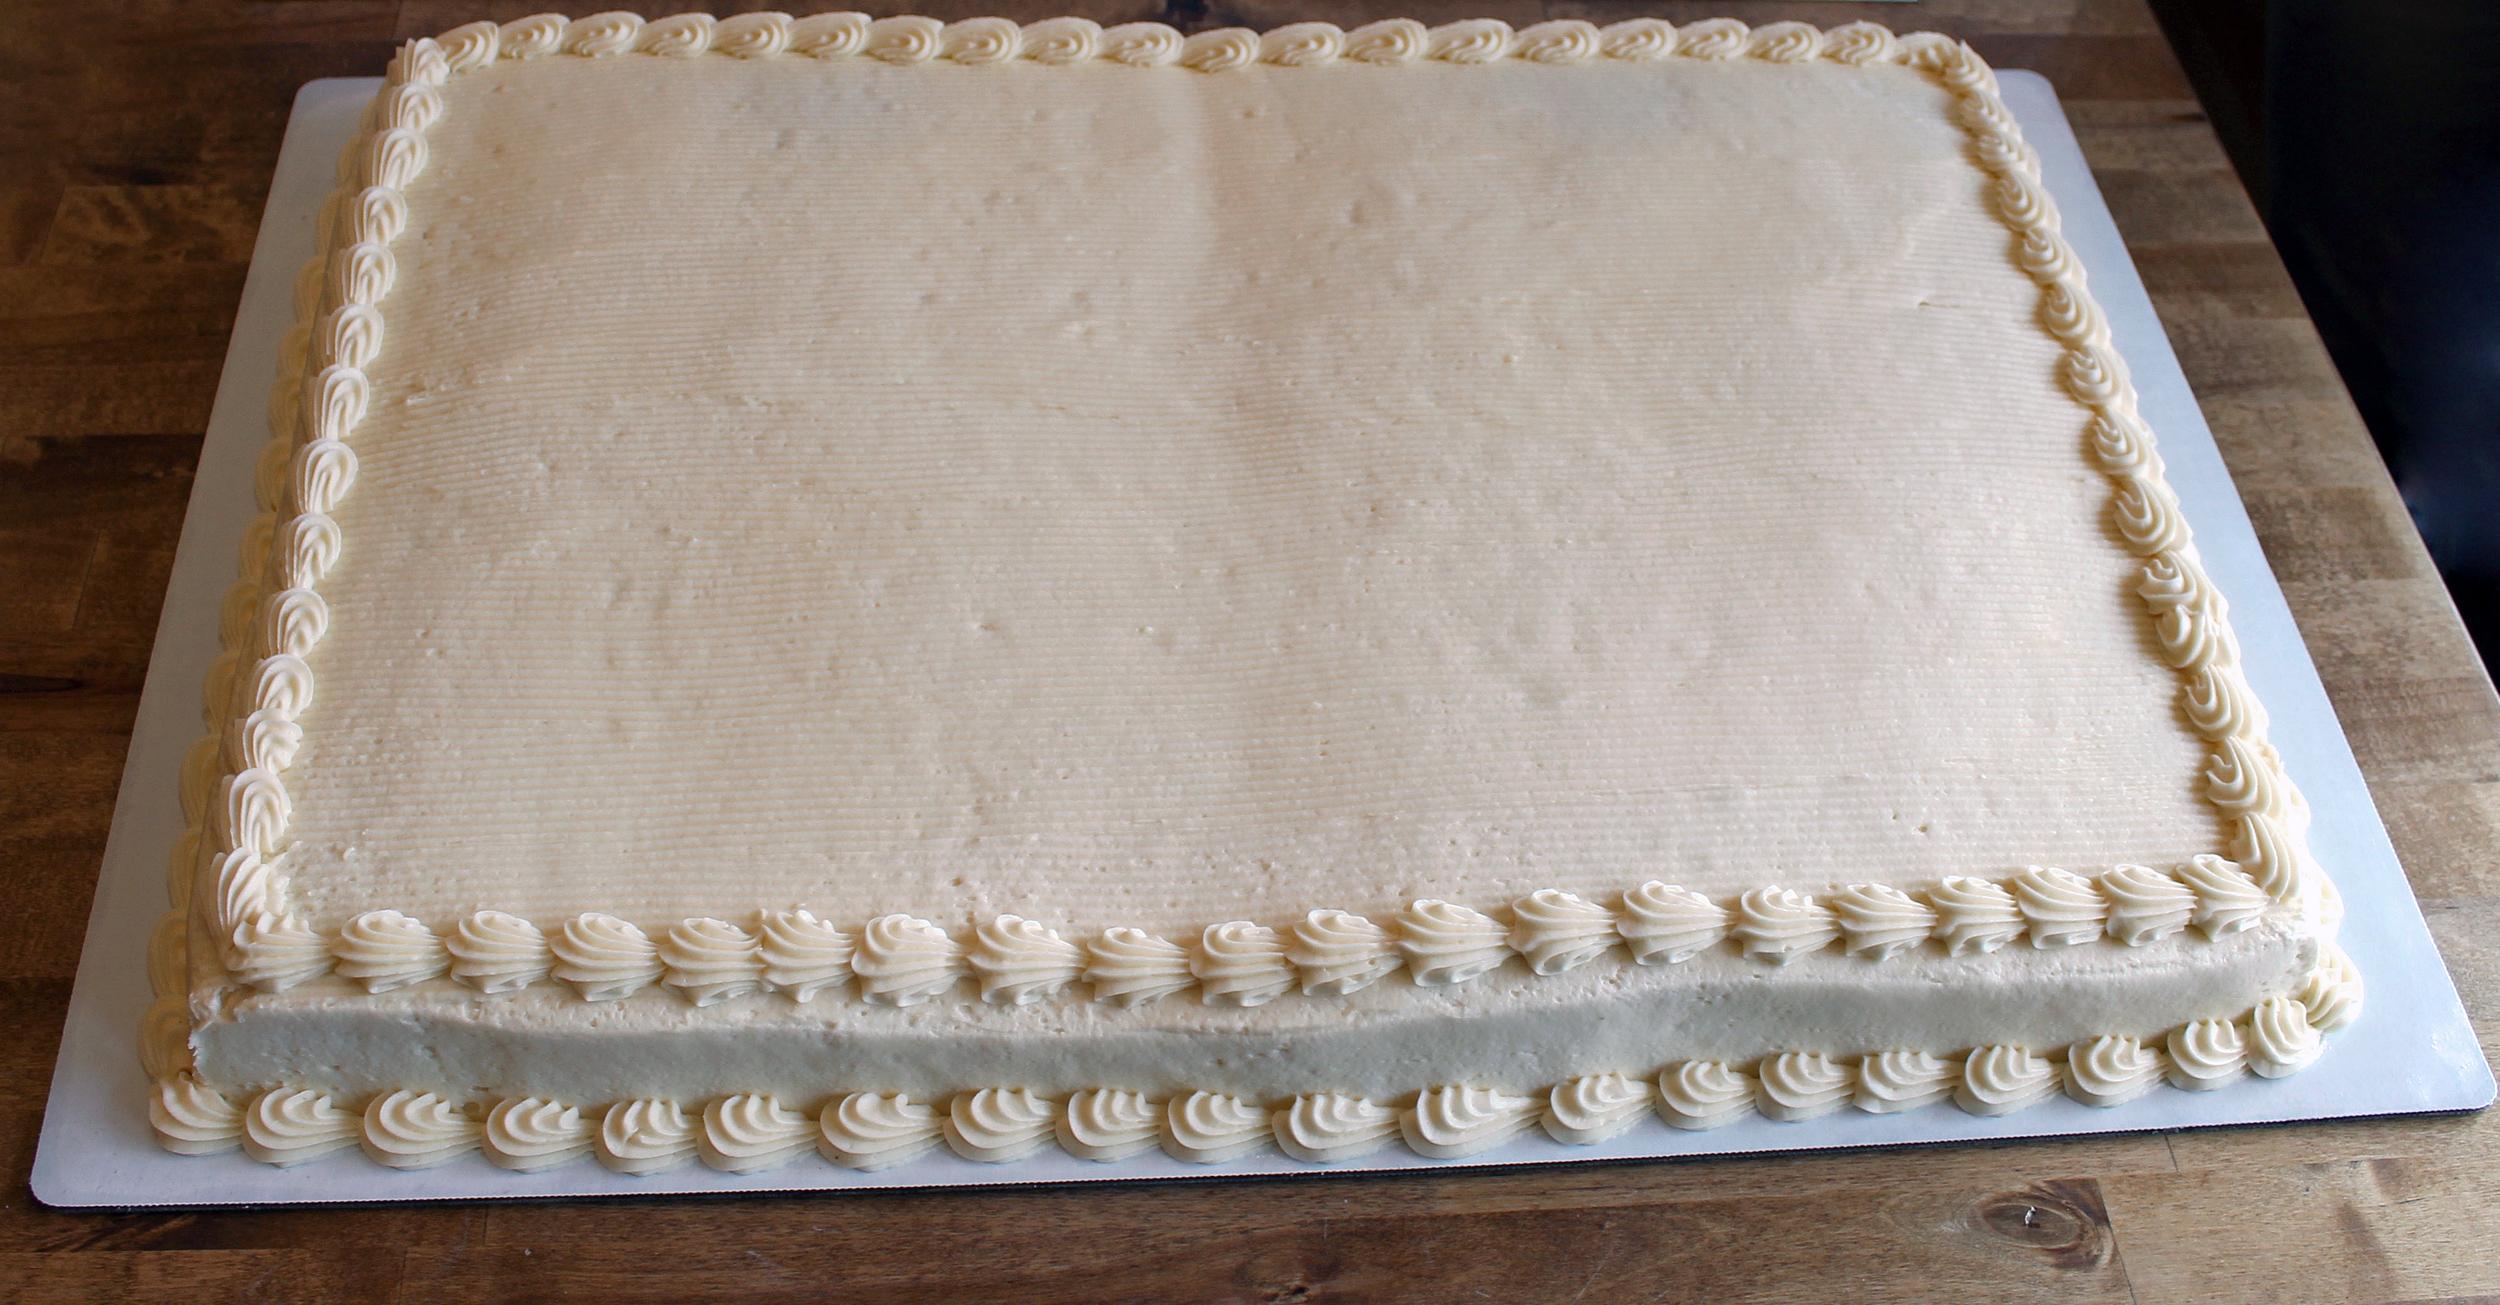 Full sheet cake - $62.99    serves 70 - 80 people